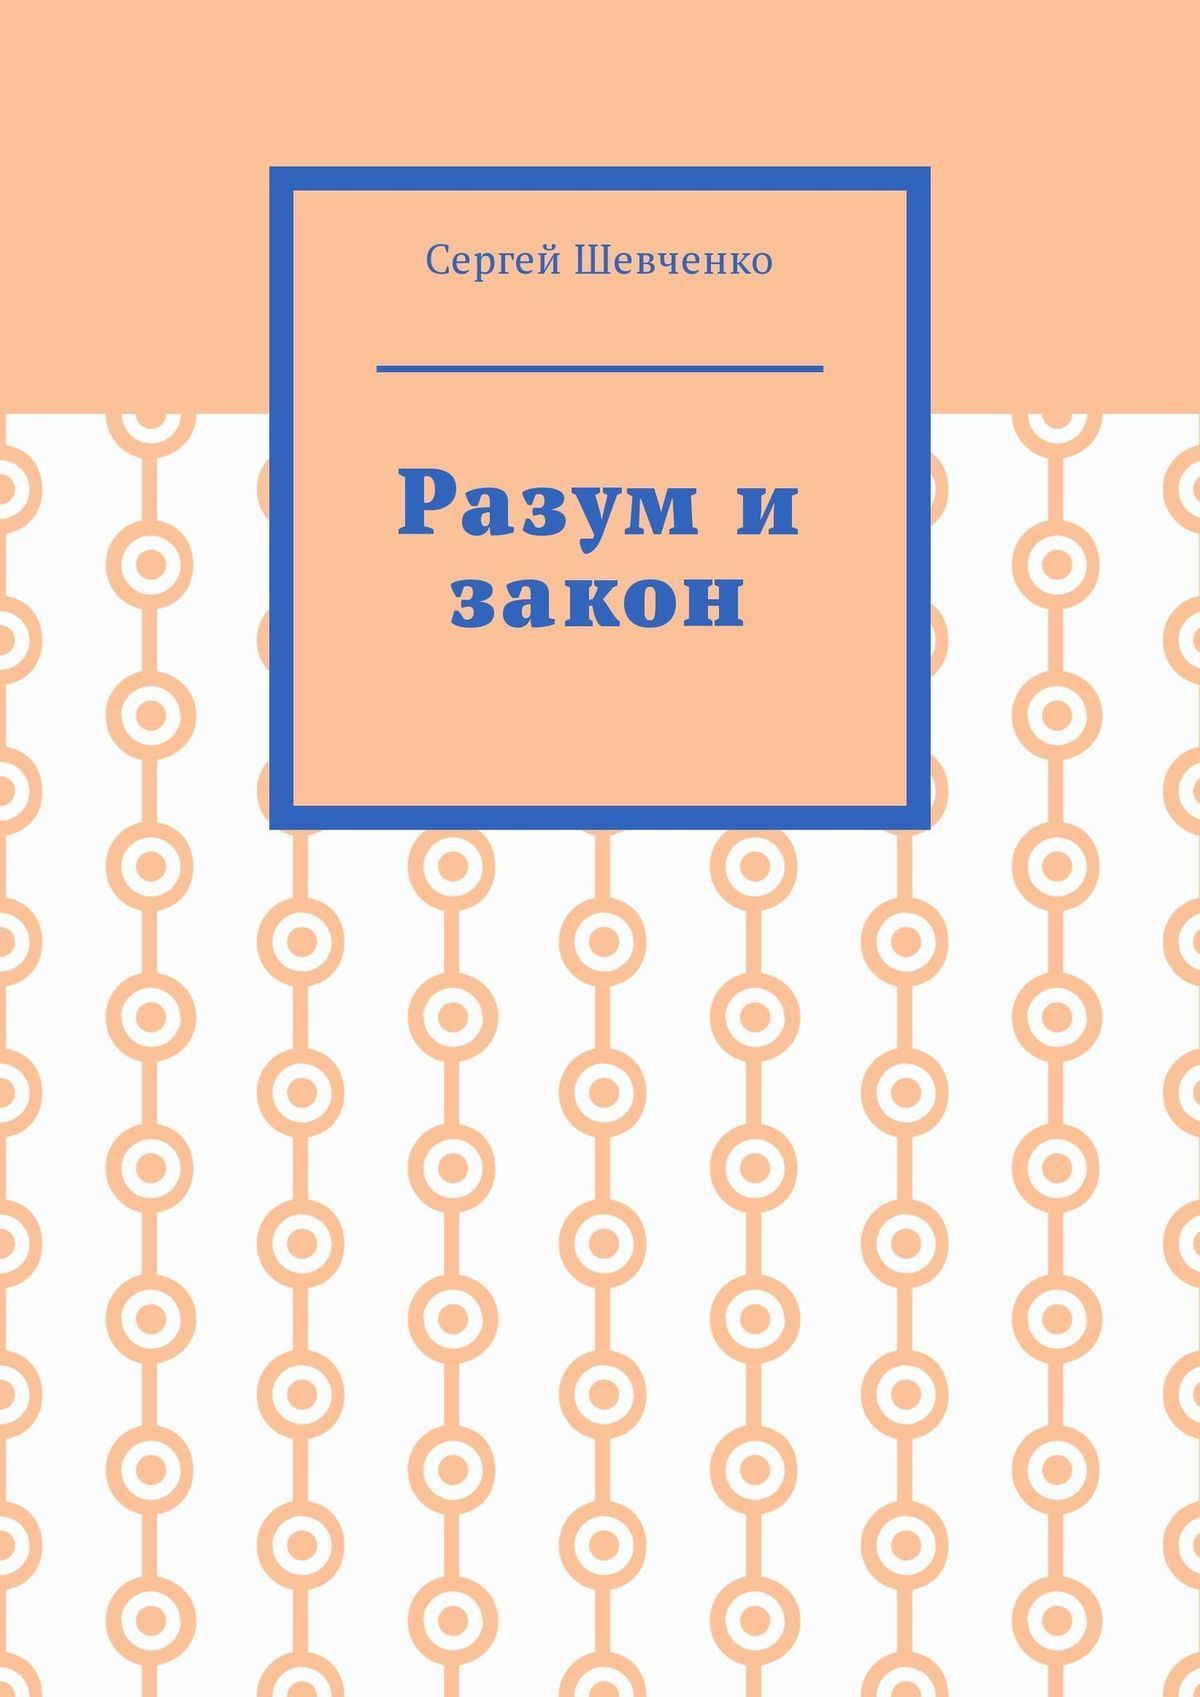 Сергей Шевченко - Разум и закон